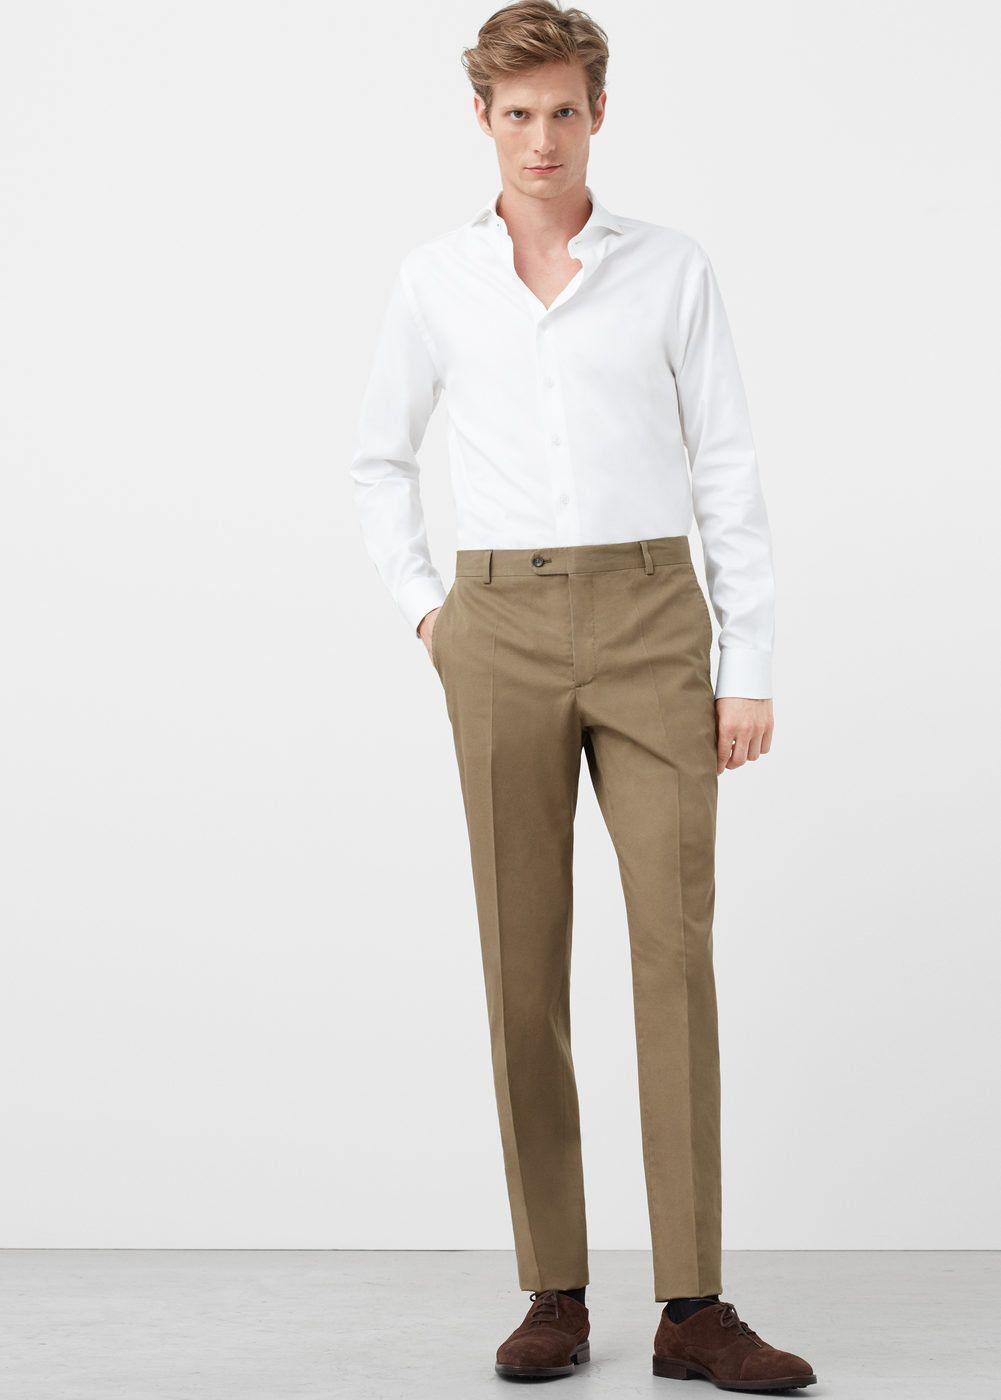 Pantalón traje slim-fit algodón - Hombre  a3acc25a4e6